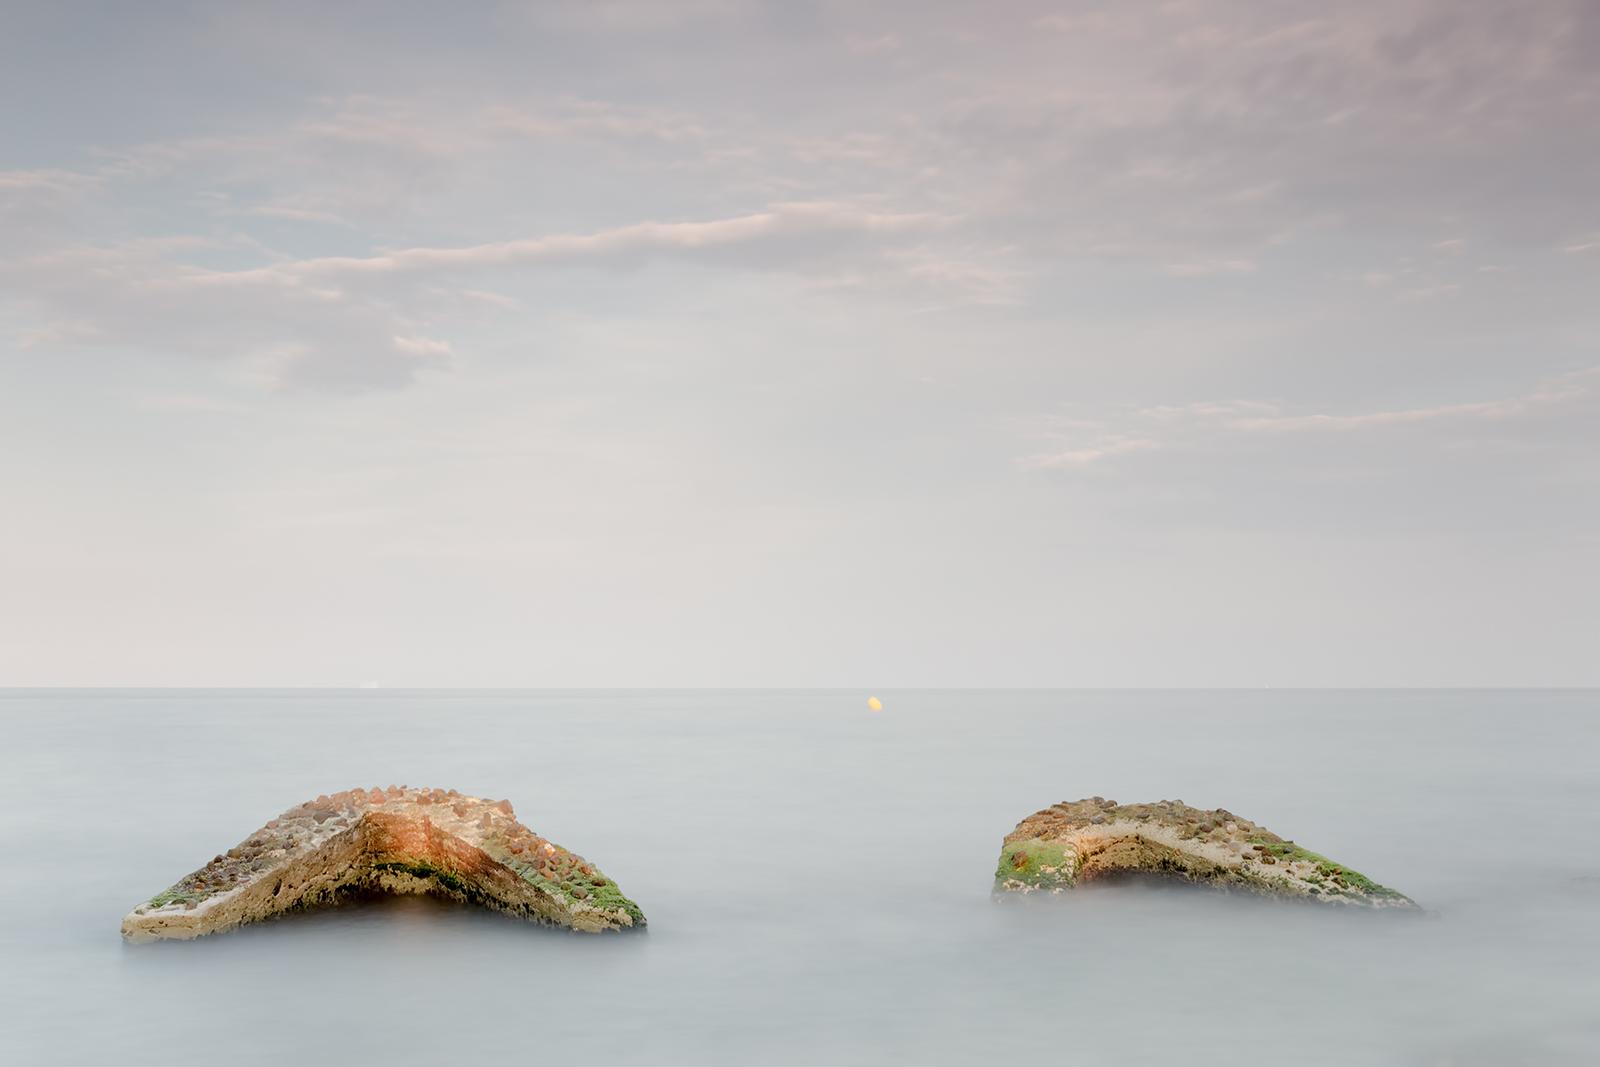 Paisaje Restos roca varados en playa besos, badalona barcelona,Danilatorre,danilatorre, Dani Latorre, daniel Latorre